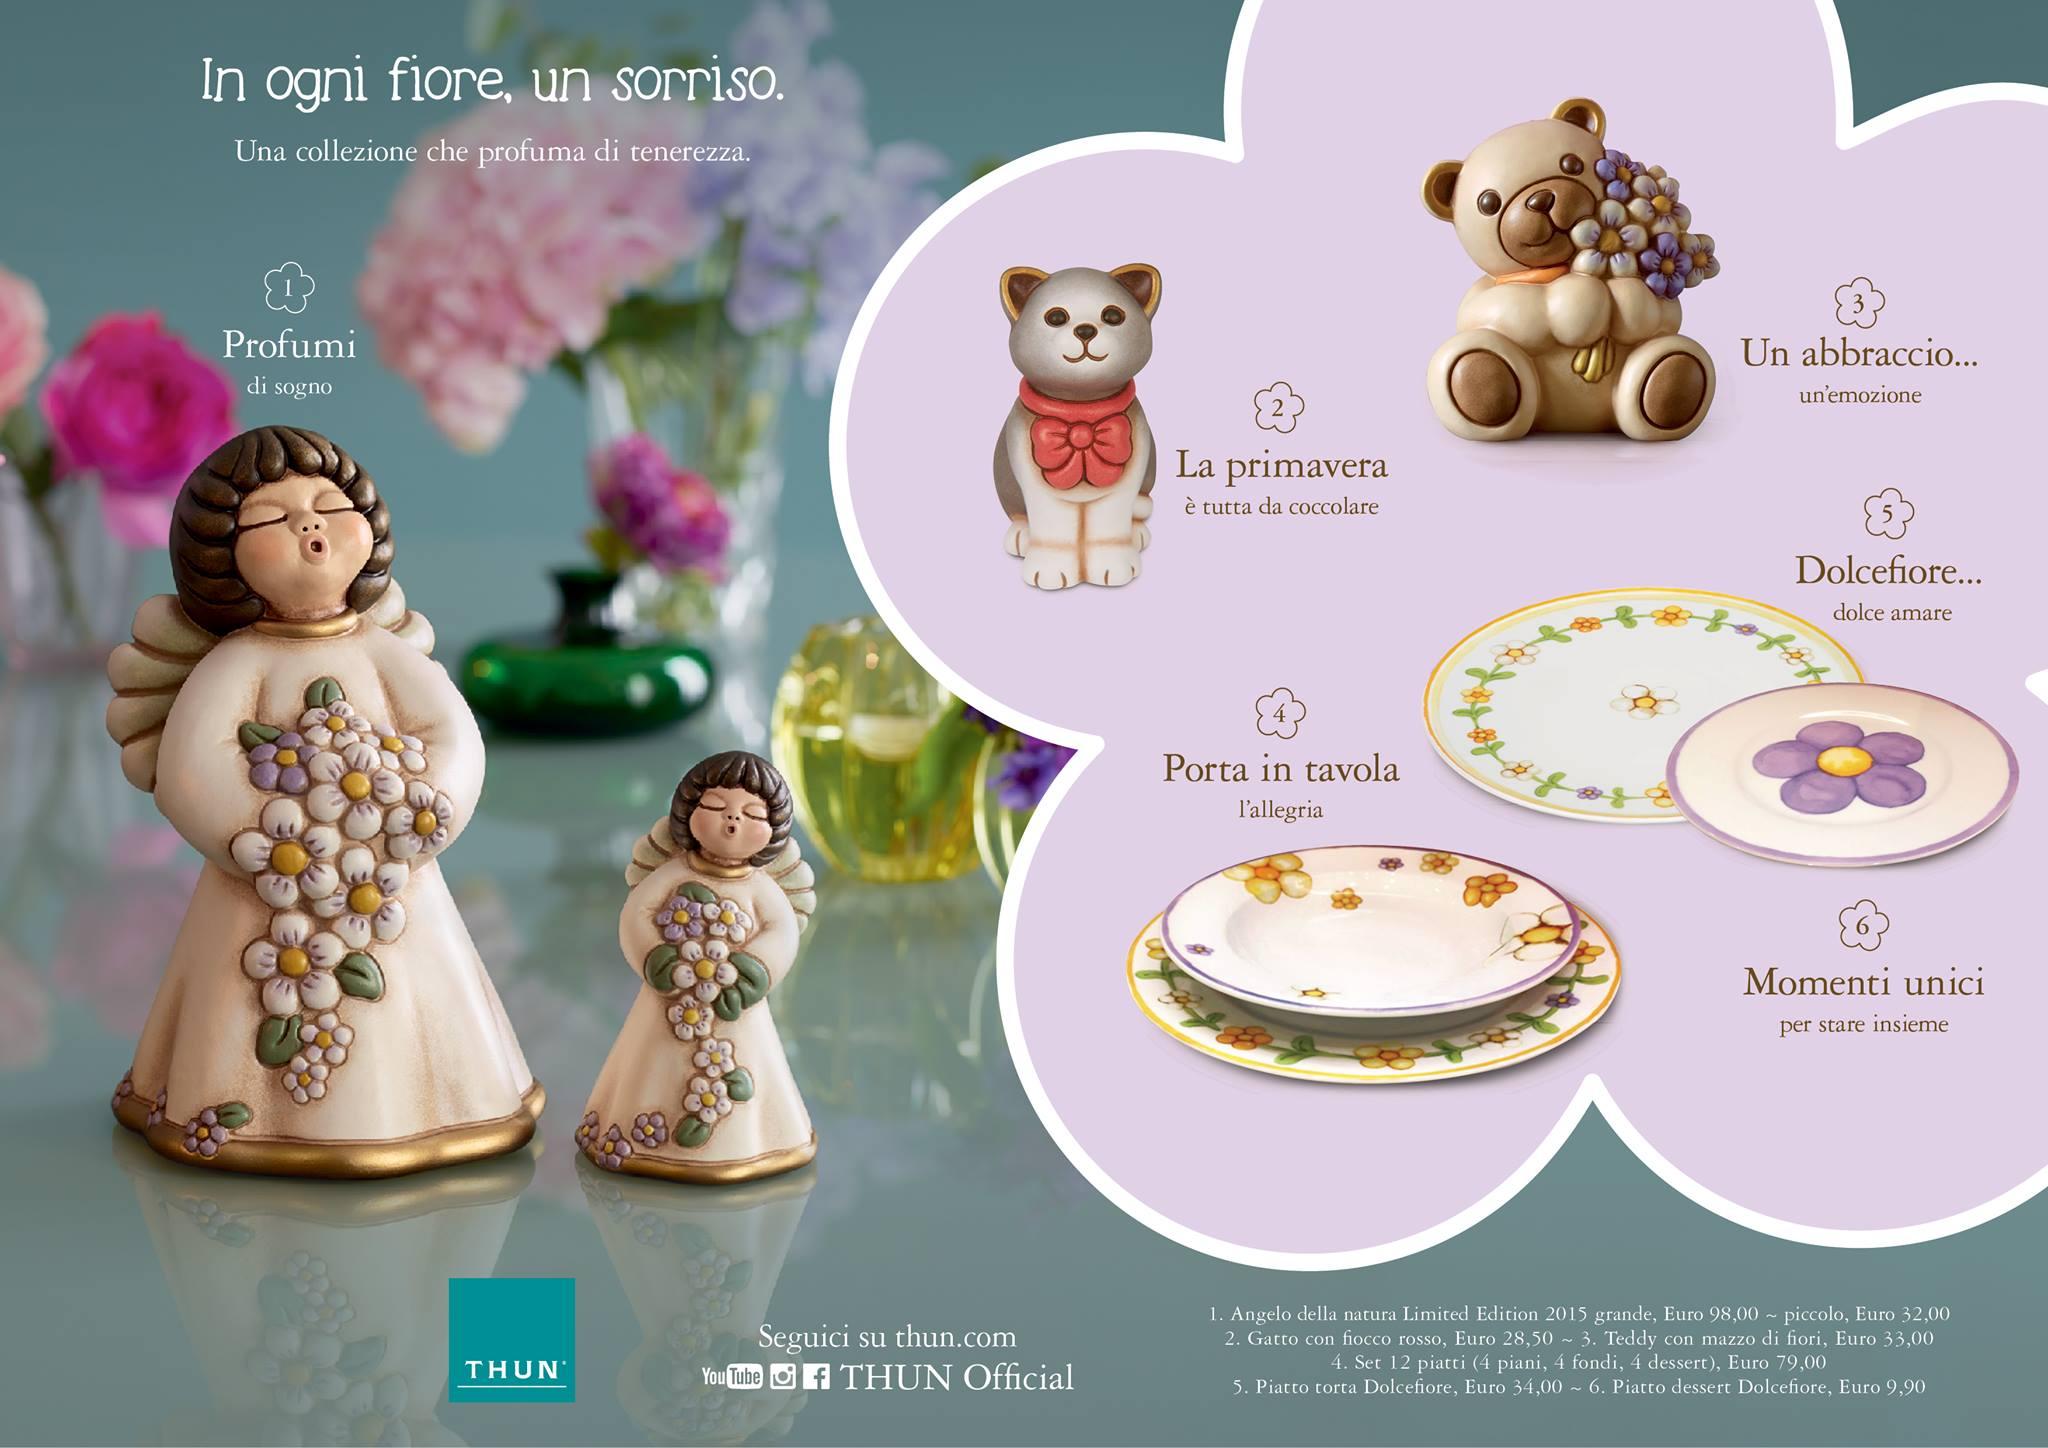 Favoloso Collezione Primavera Thun 2015 - Gardenia di Lella - Castelfranco  GX57